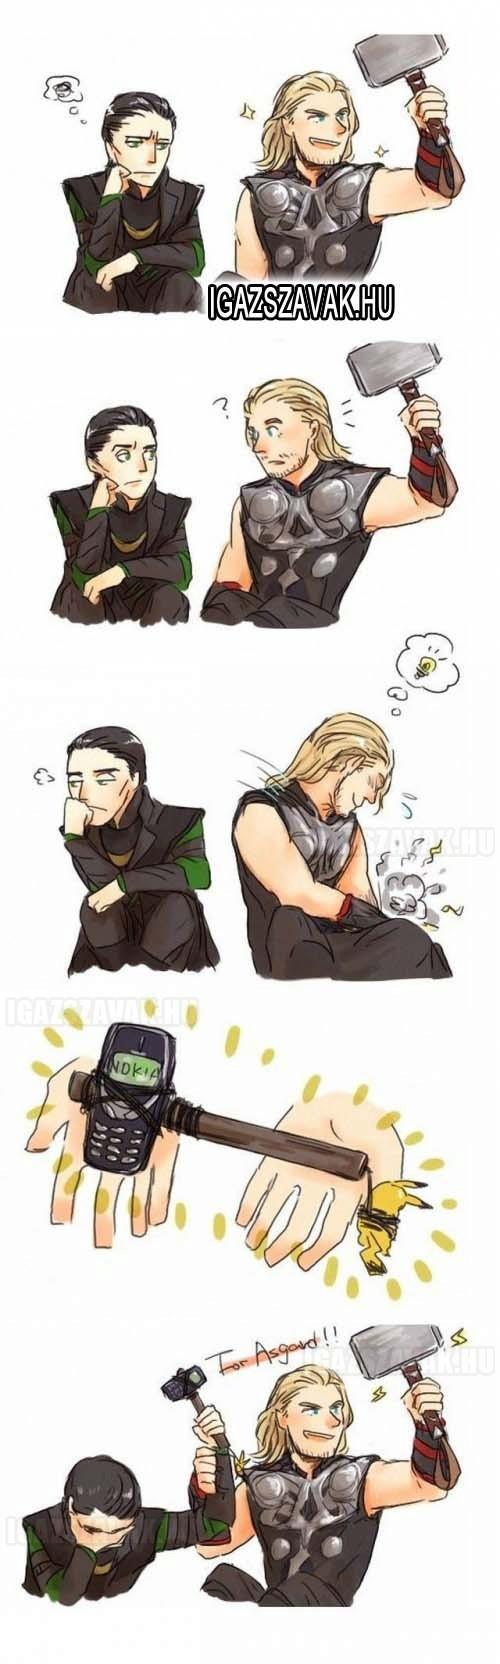 Thor a jószívű